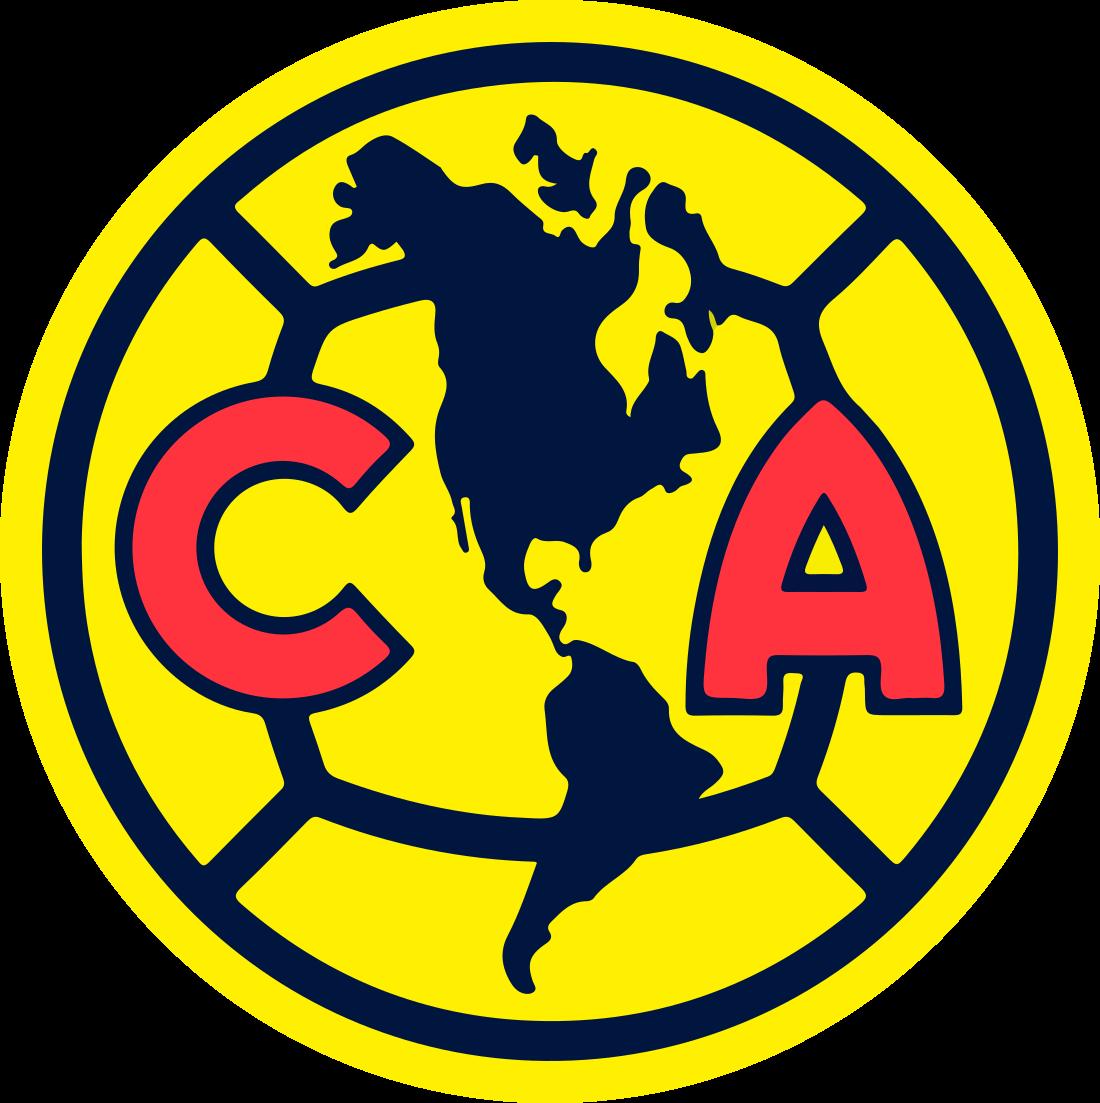 america mexico logo 3 - Club América Logo - Escudo